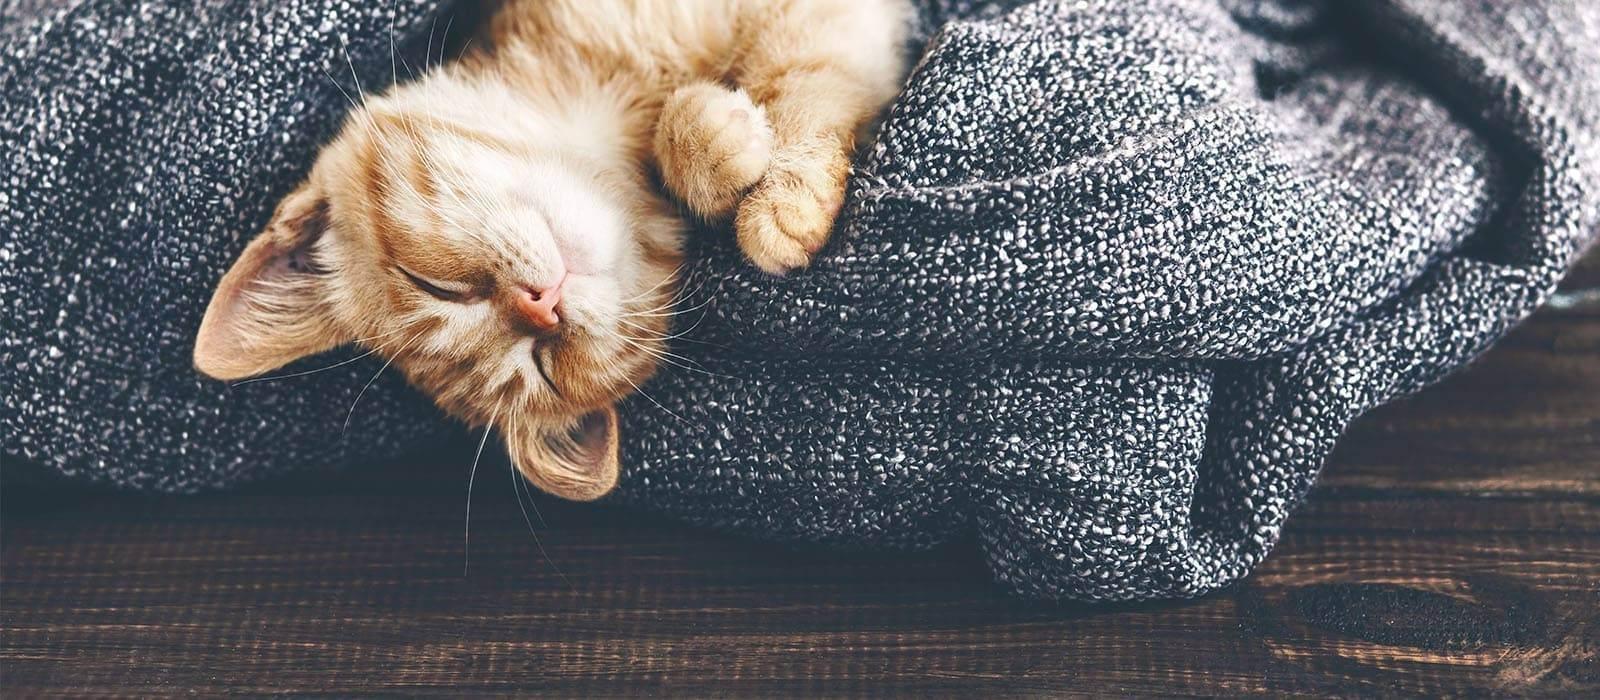 Психические потребности домашней кошки